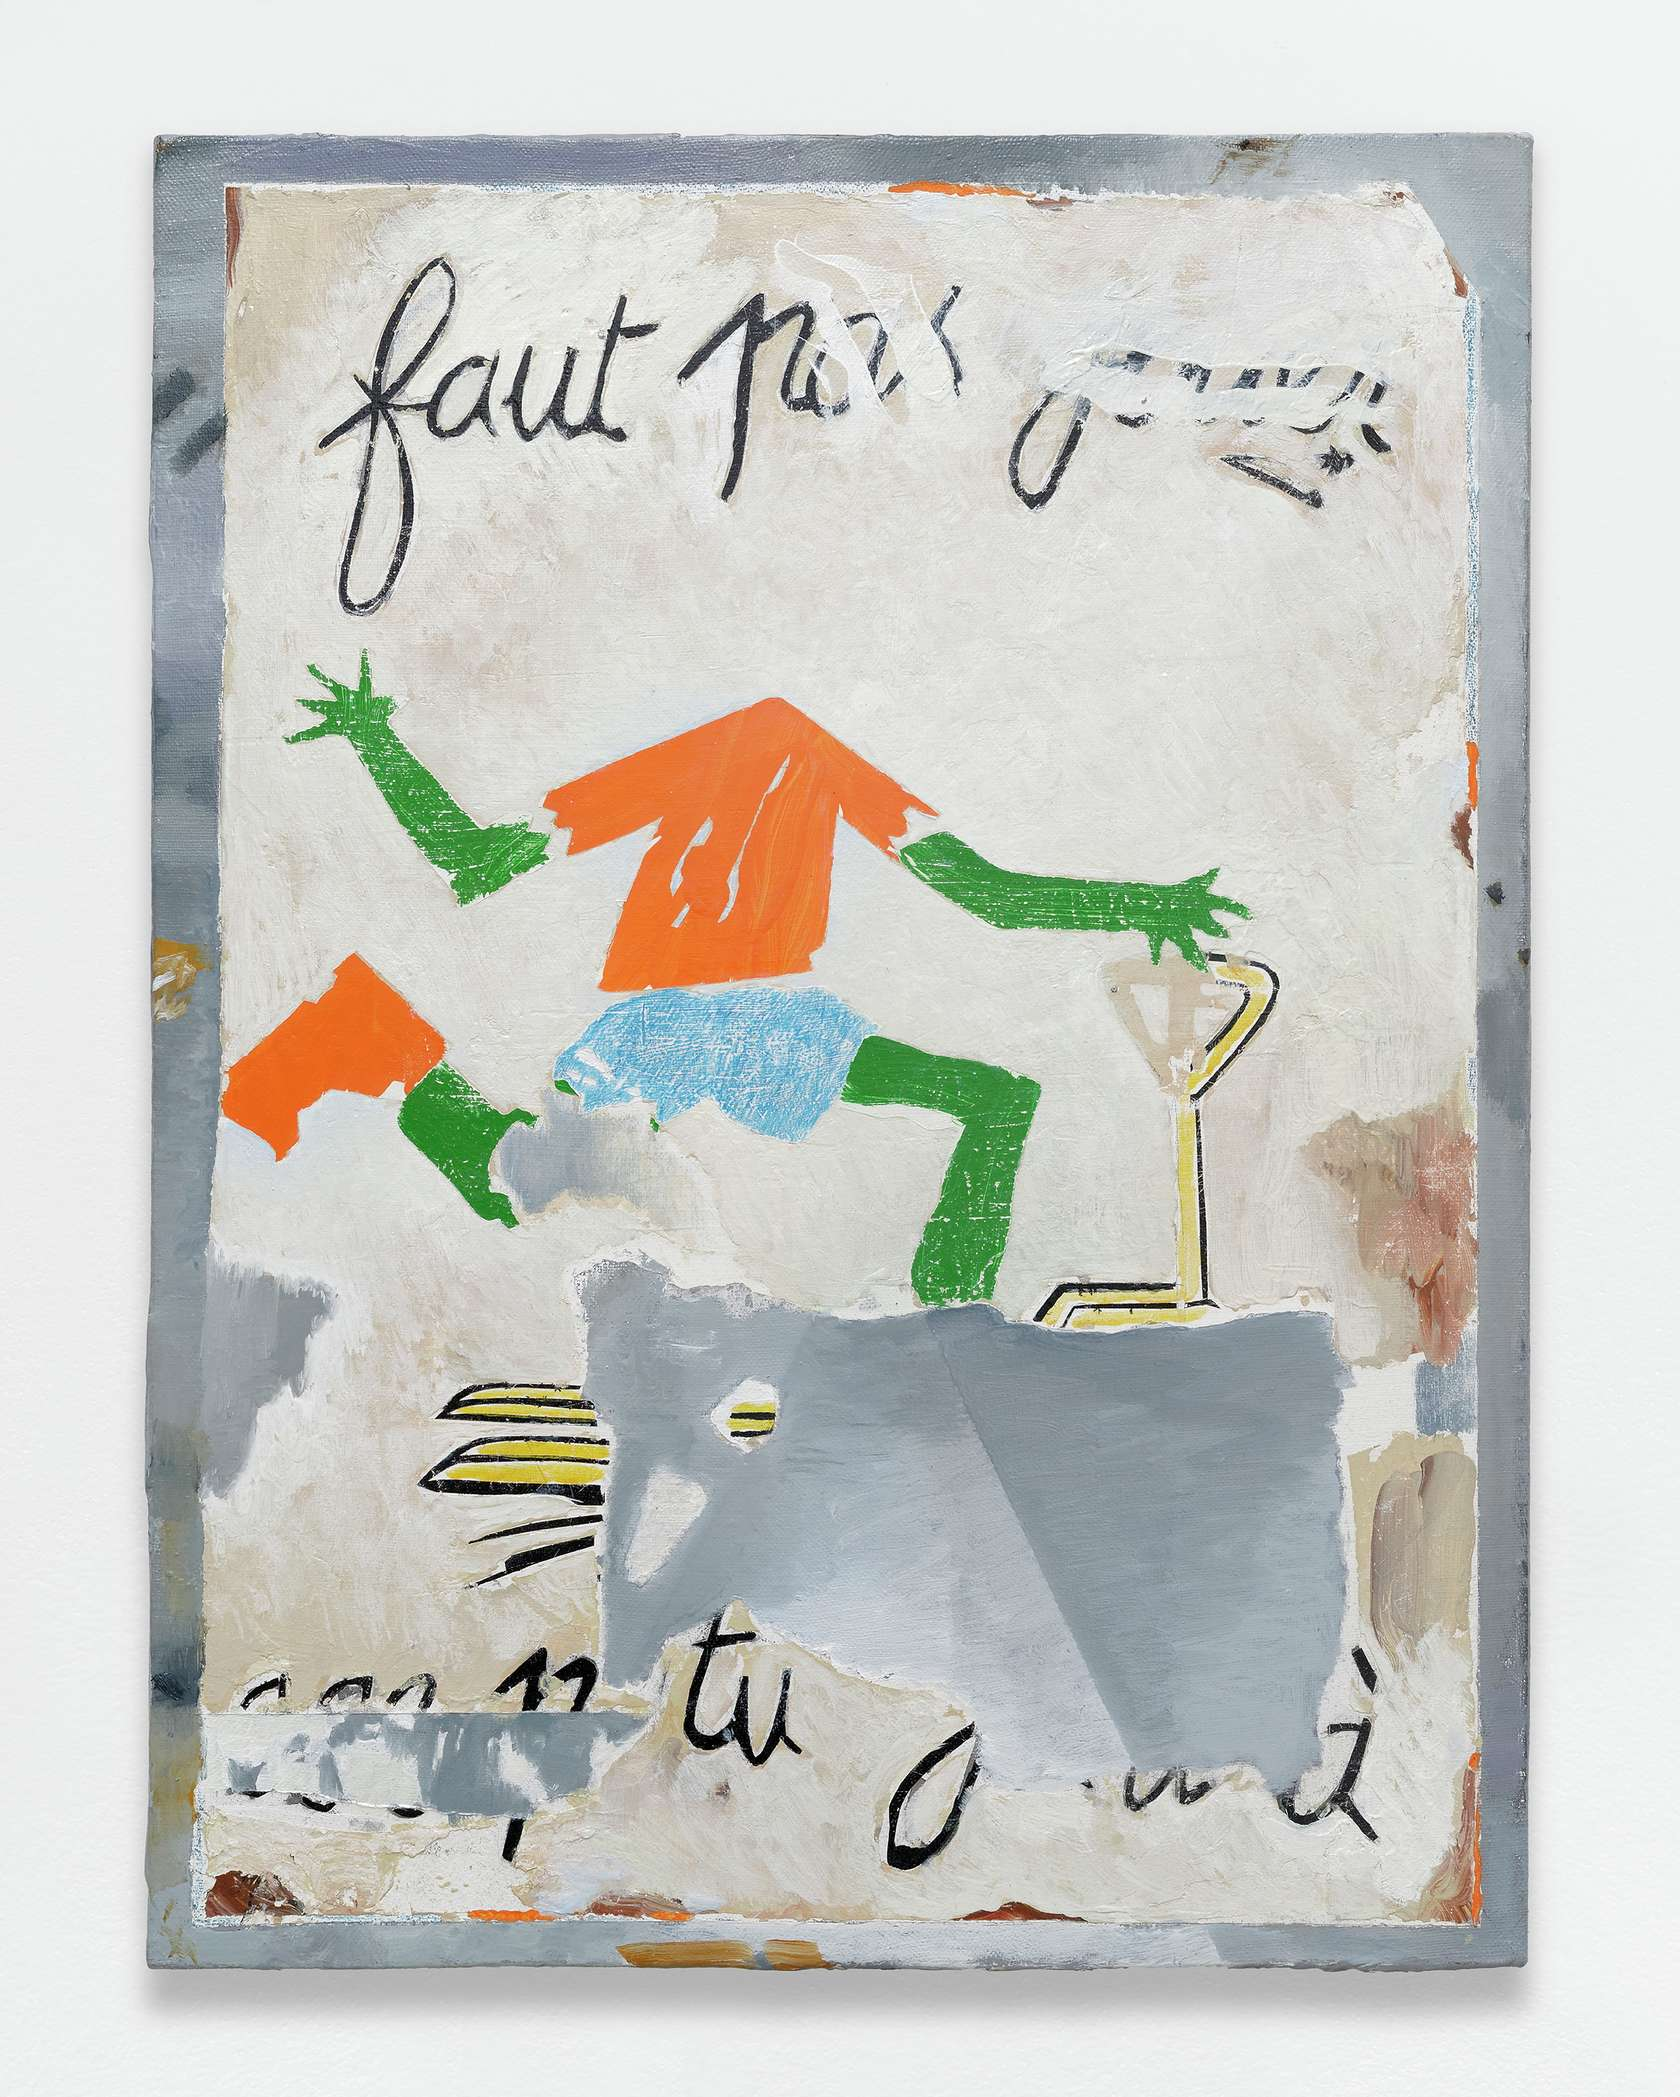 Laurent Proux, Faut pas, 2017 Huile sur toile61.5 x 46 cm / 24 2/8 x 18 1/8 inches